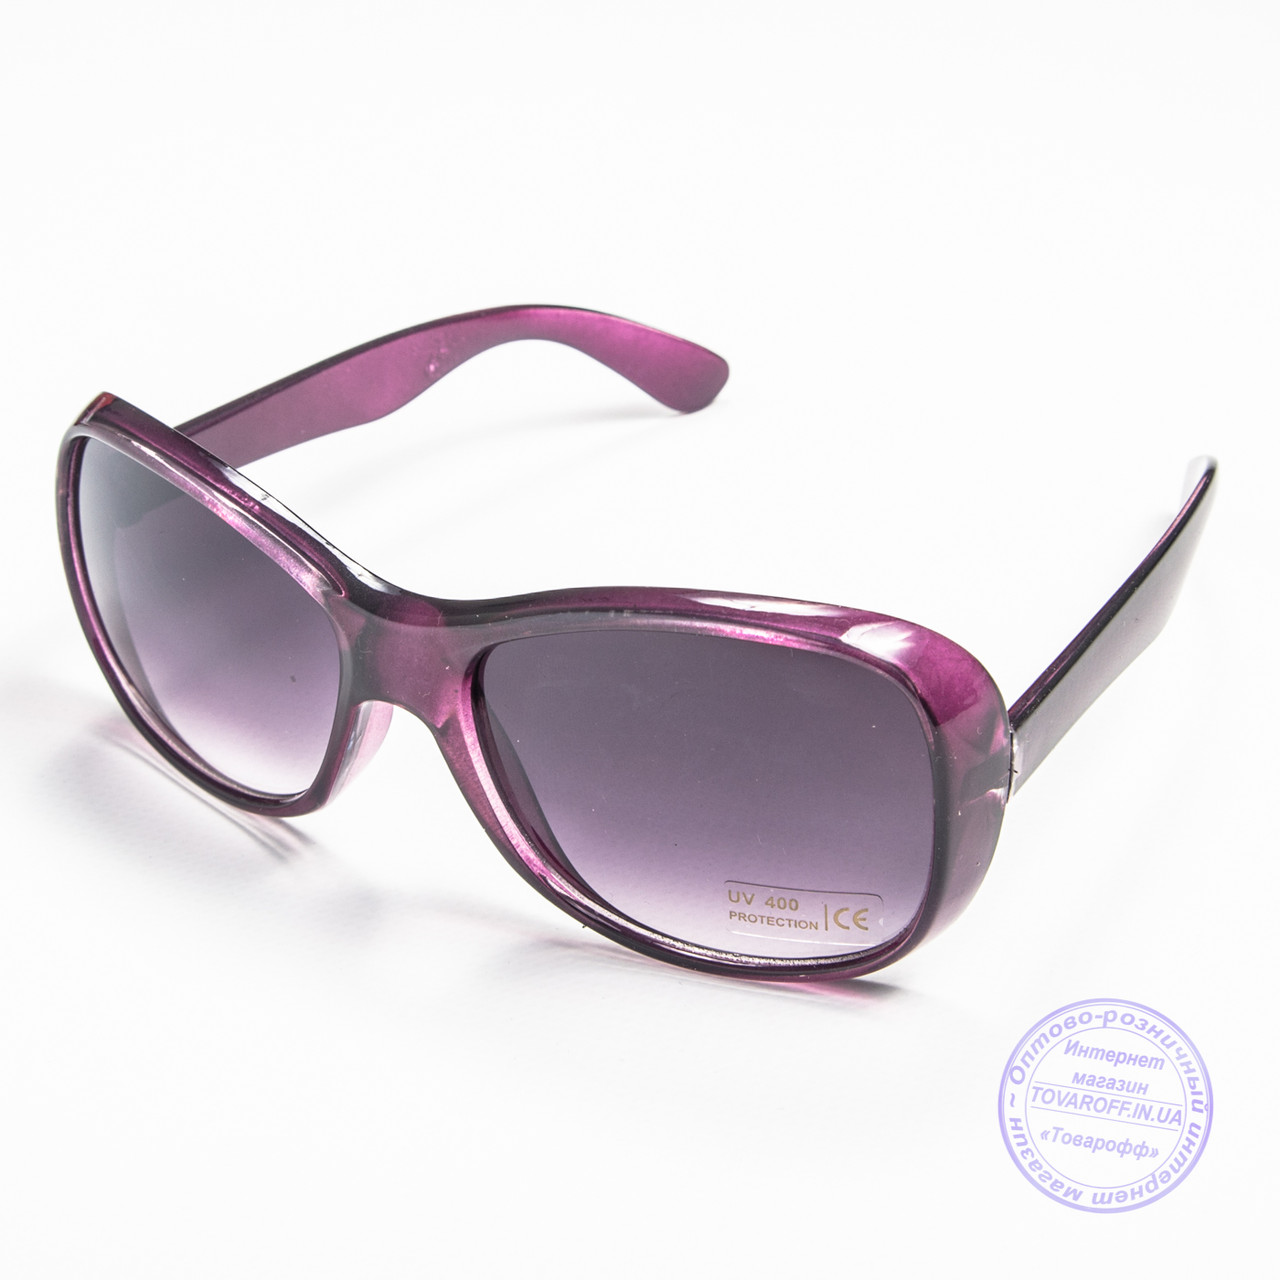 Оптом женские солнцезащитные очки - Фиолетовые - B922